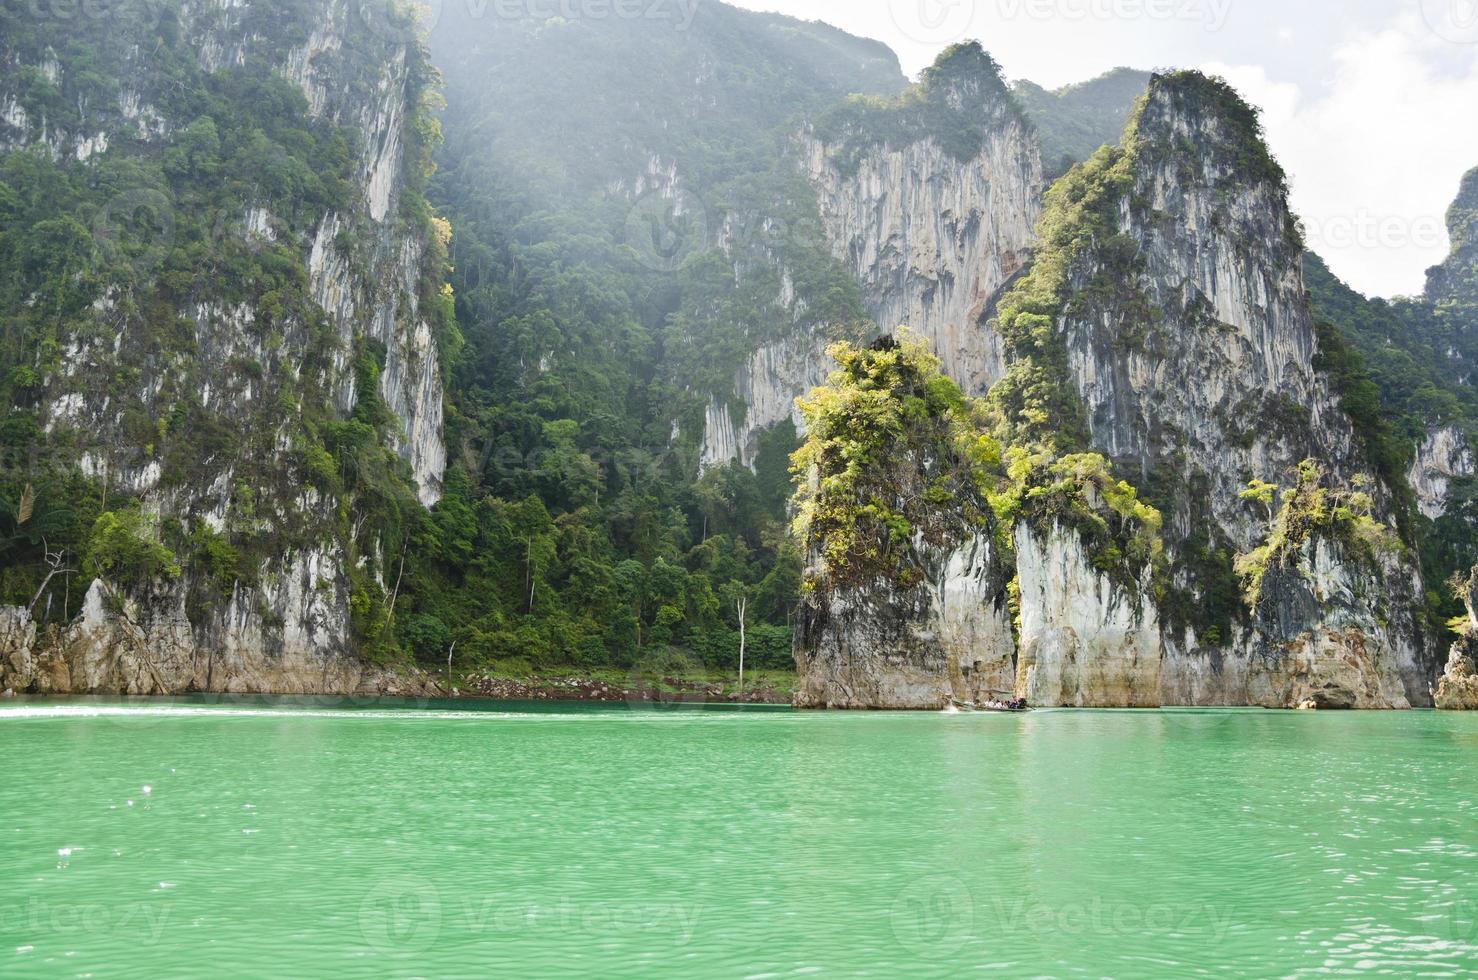 Wunderschönes Hochgebirge und grüner Fluss (Guilin von Thailand). foto